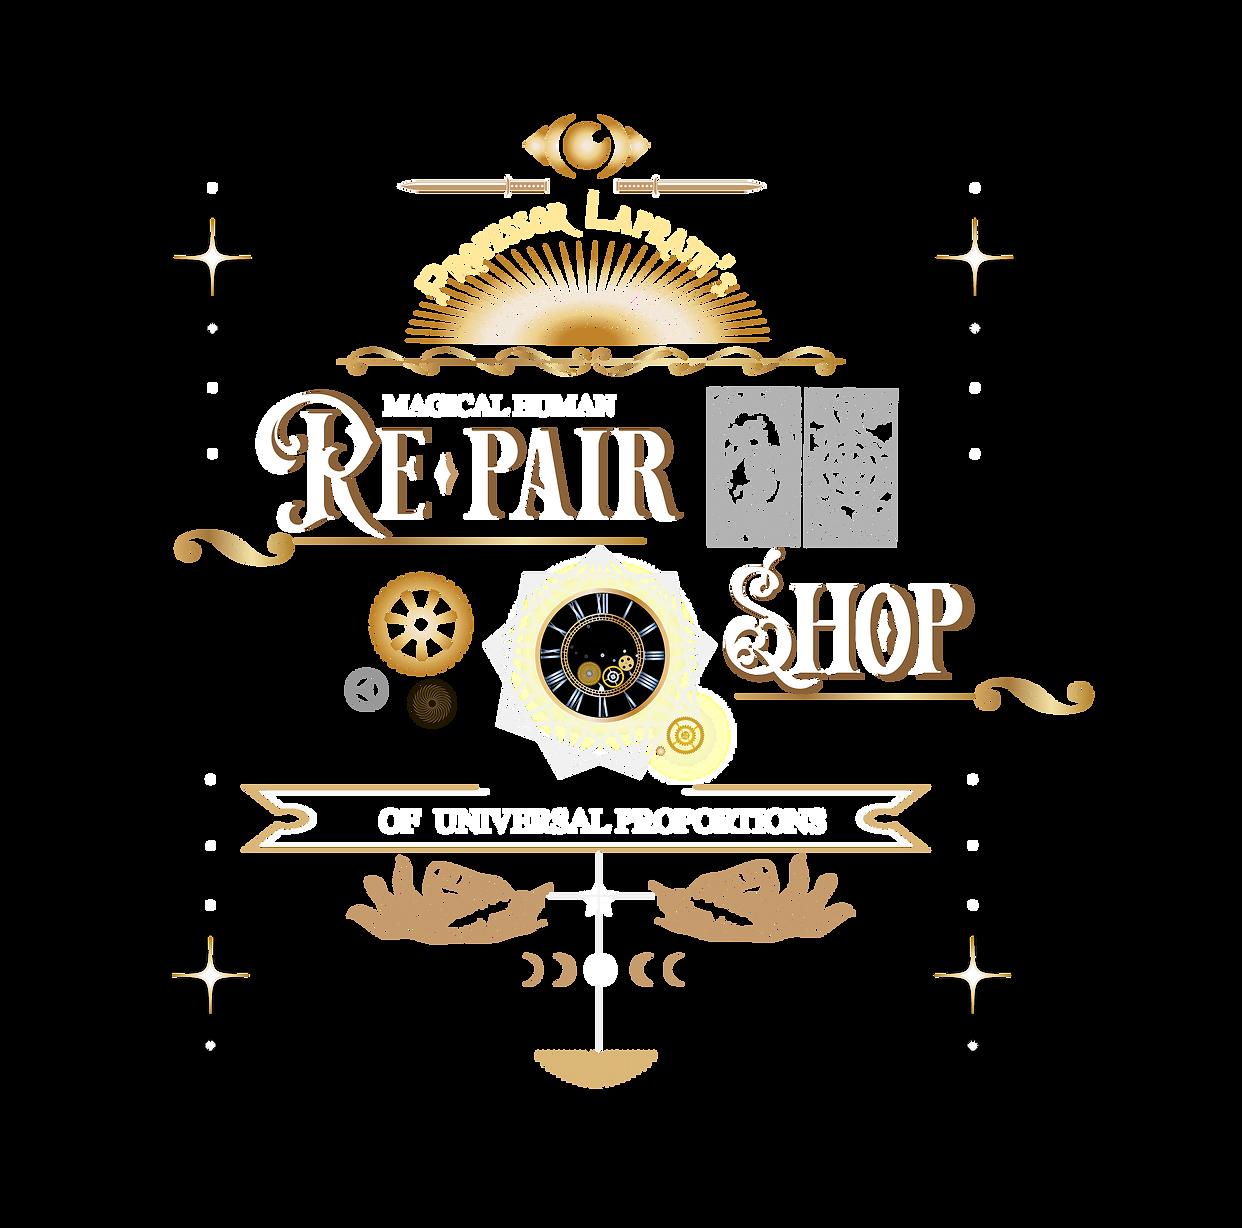 professor lapraths repair shop V2-01.png